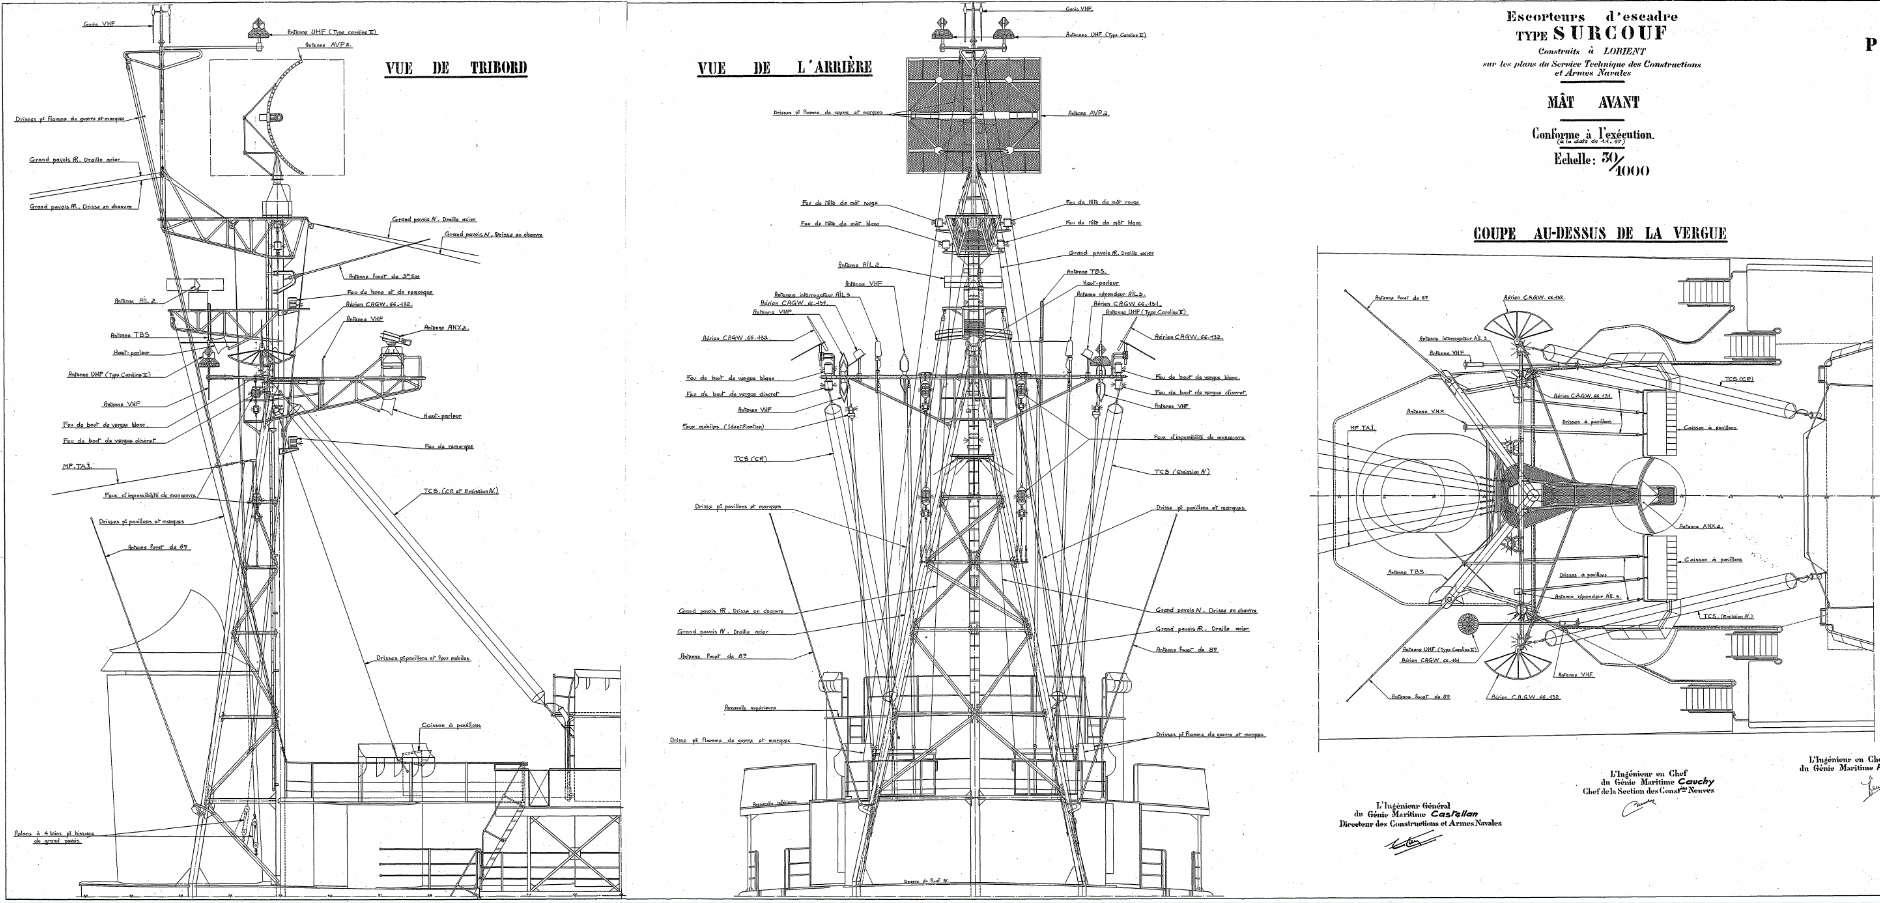 Escorteur d'escadre Surcouf Mature10